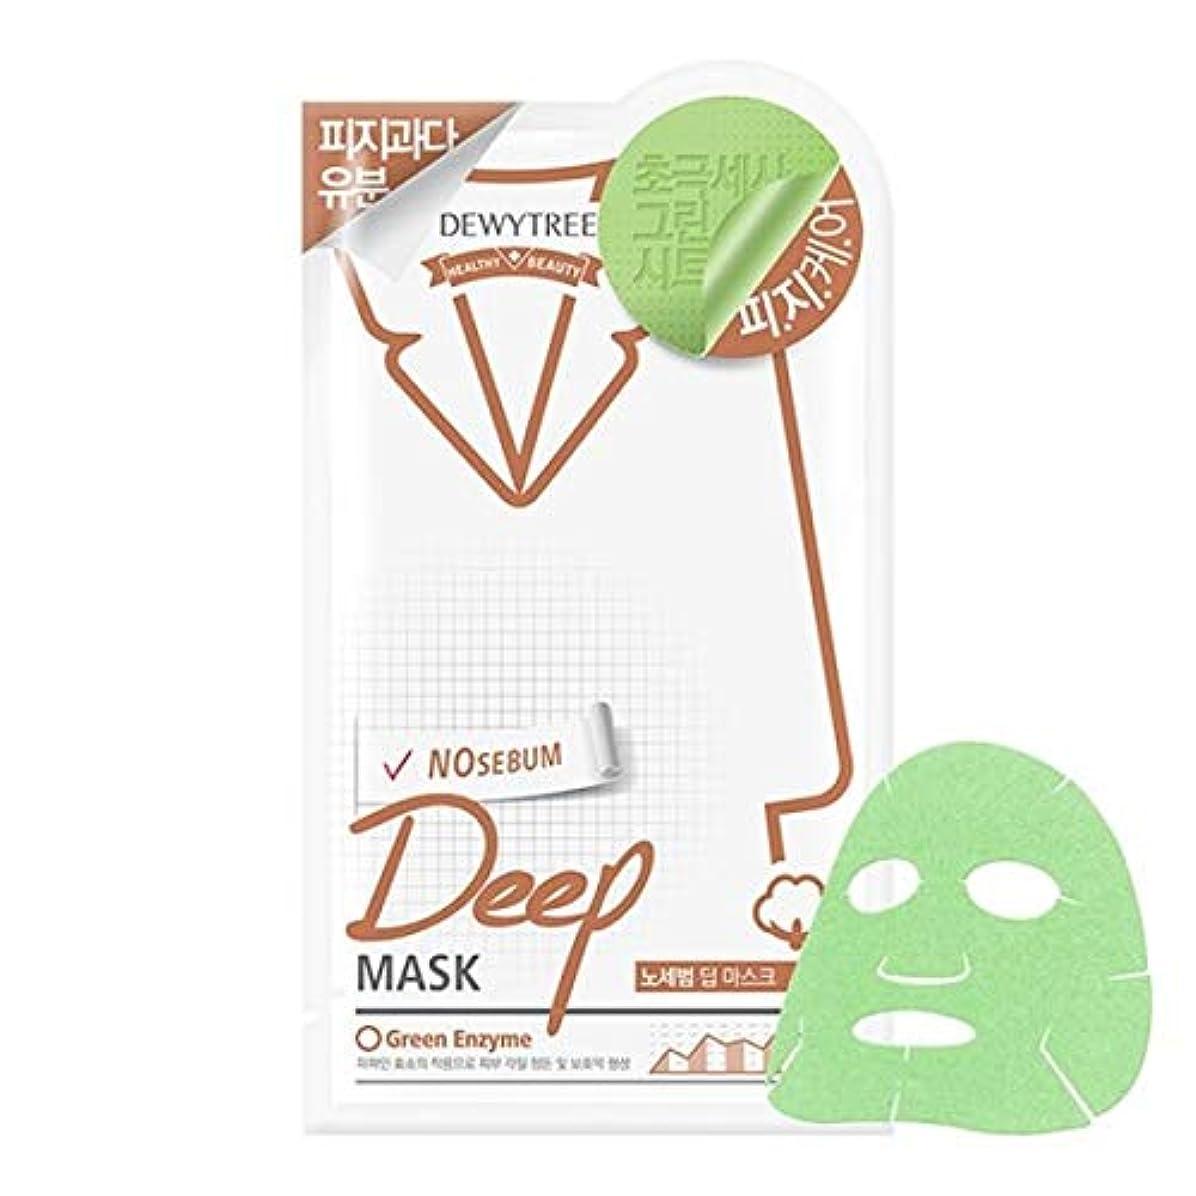 見習いアラバマ遮る(デューイトゥリー) DEWYTREE ノセボムディープマスク 20枚 Nosebum Deep Mask 韓国マスクパック (並行輸入品)